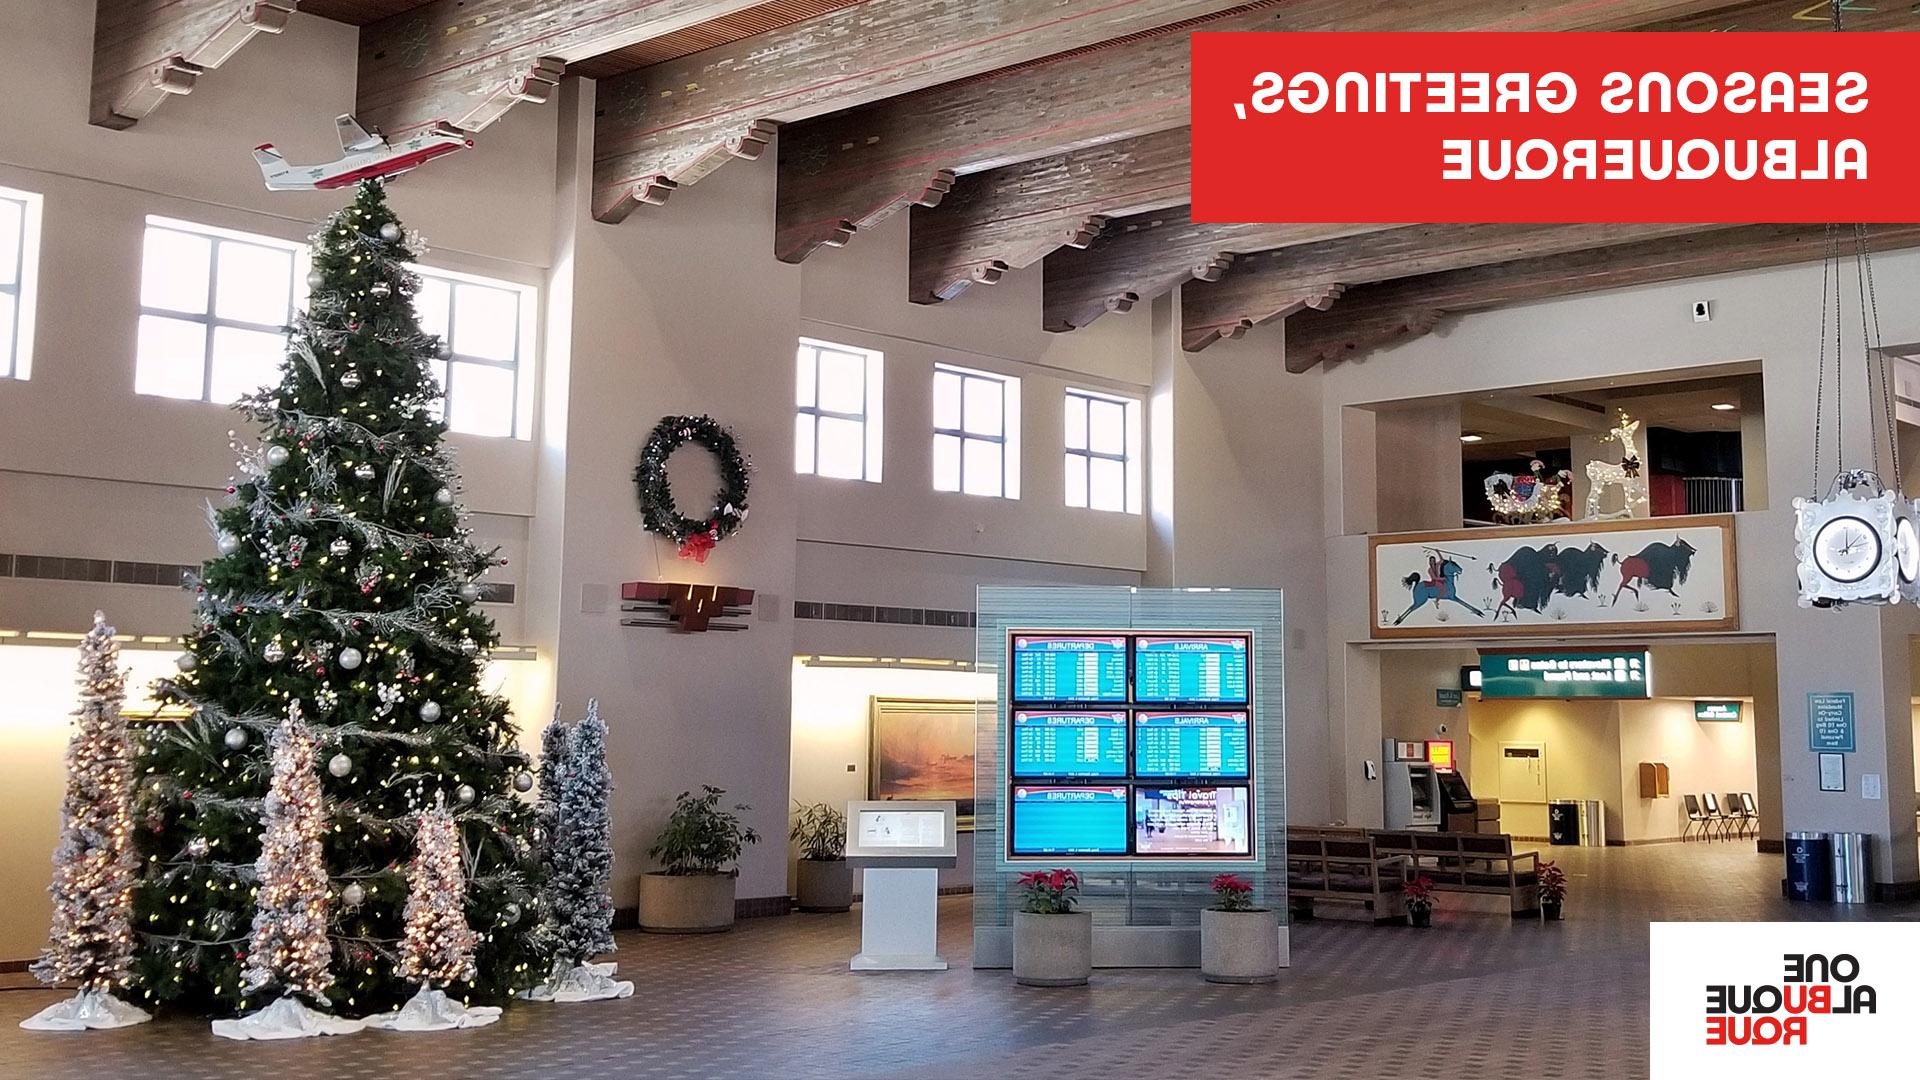 Sunport Holiday Zoom Background